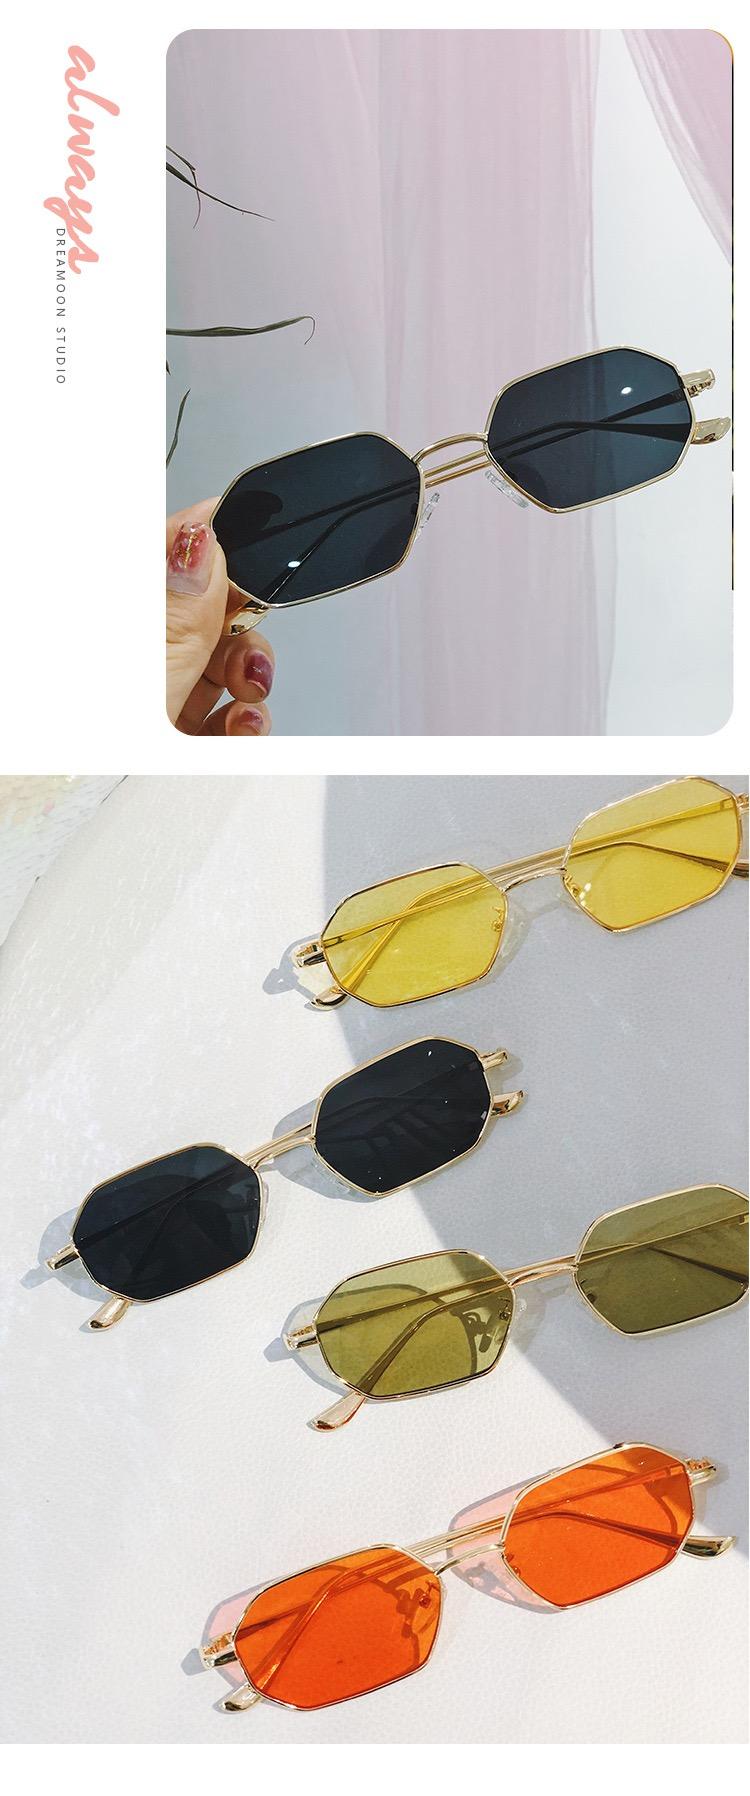 ブランド小さいサングラス有名人スクエア型